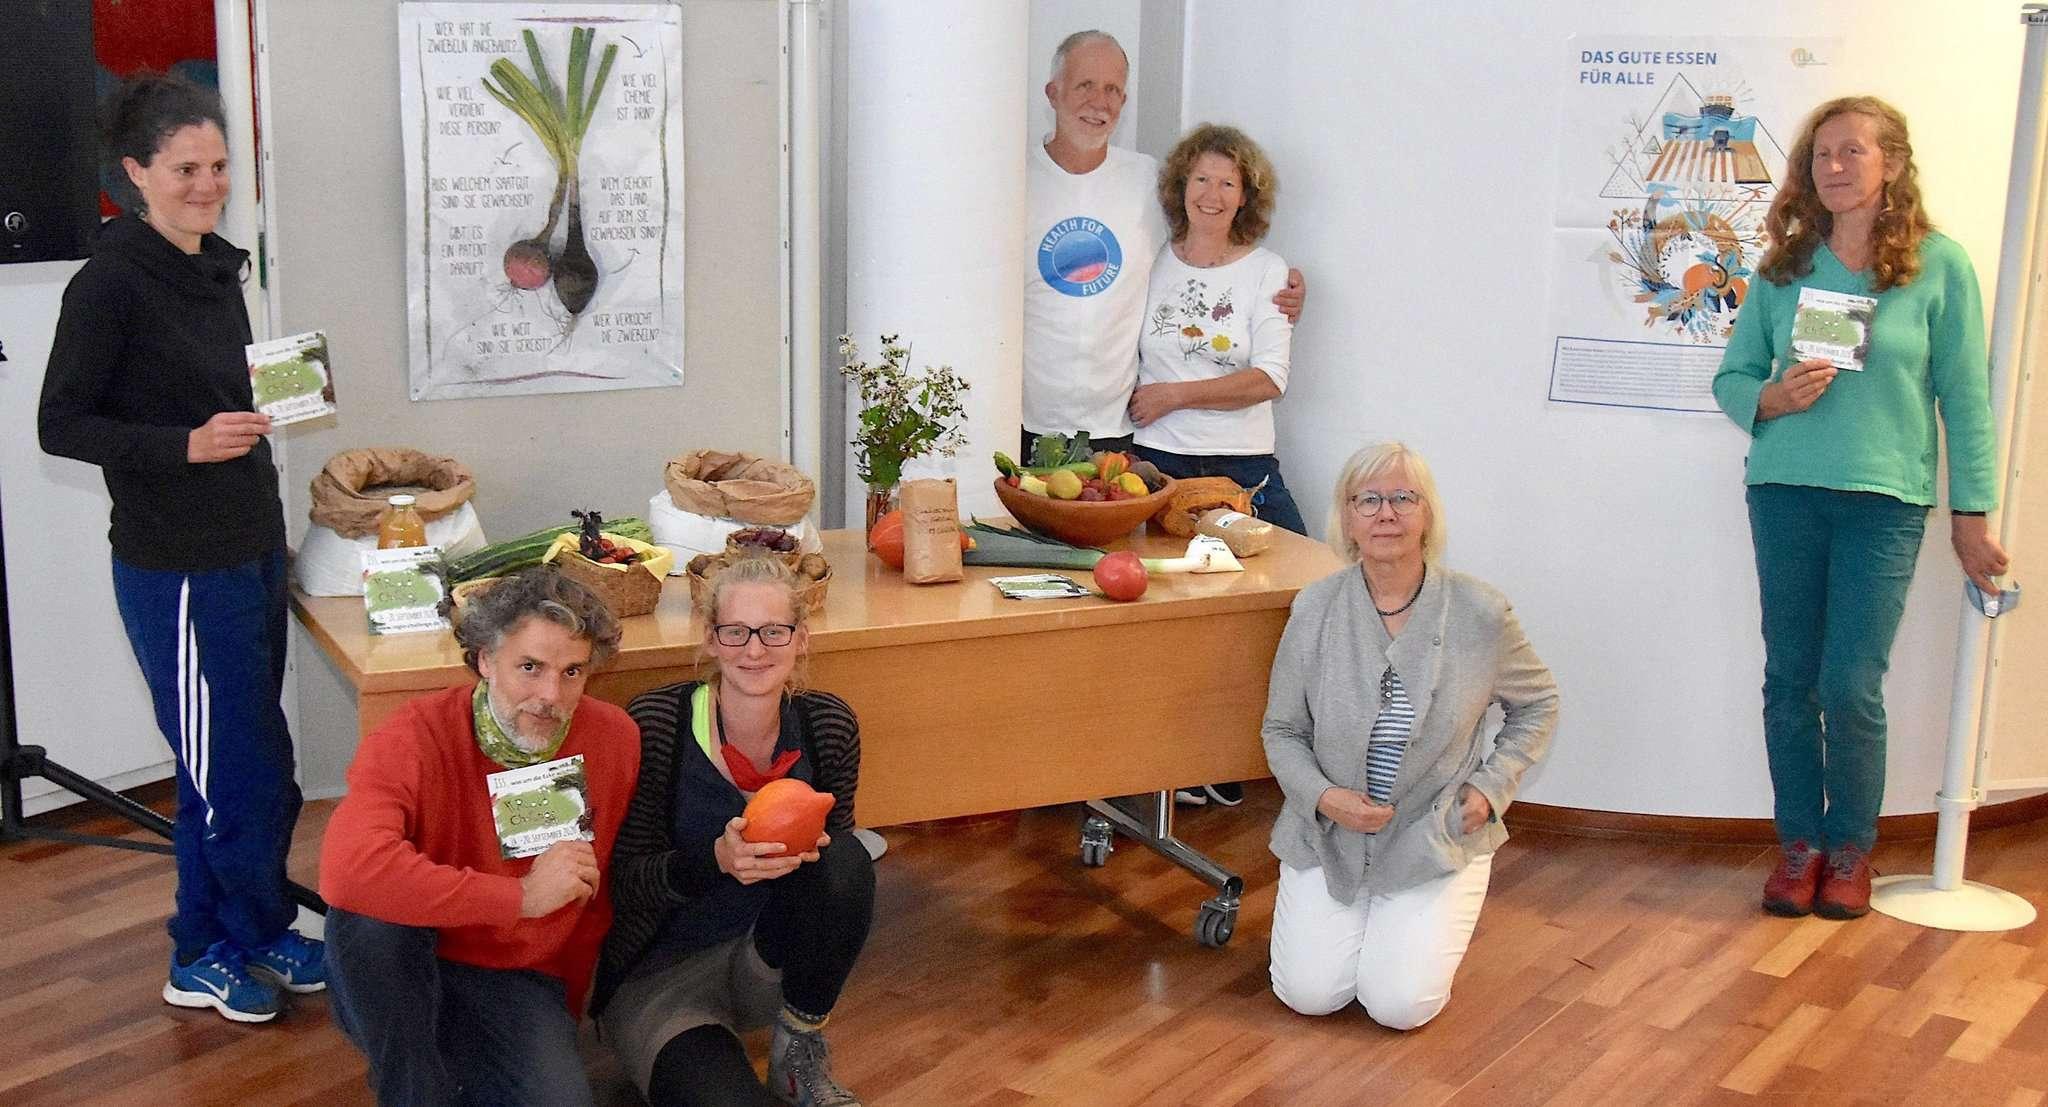 Kathrin Peters (Dritte von links), Angela von Beesten (Zweite von rechts) und weitere Teilnehmer der Vorbereitungsgruppe beim Infoabend im Rotenburger Rathaussaal.